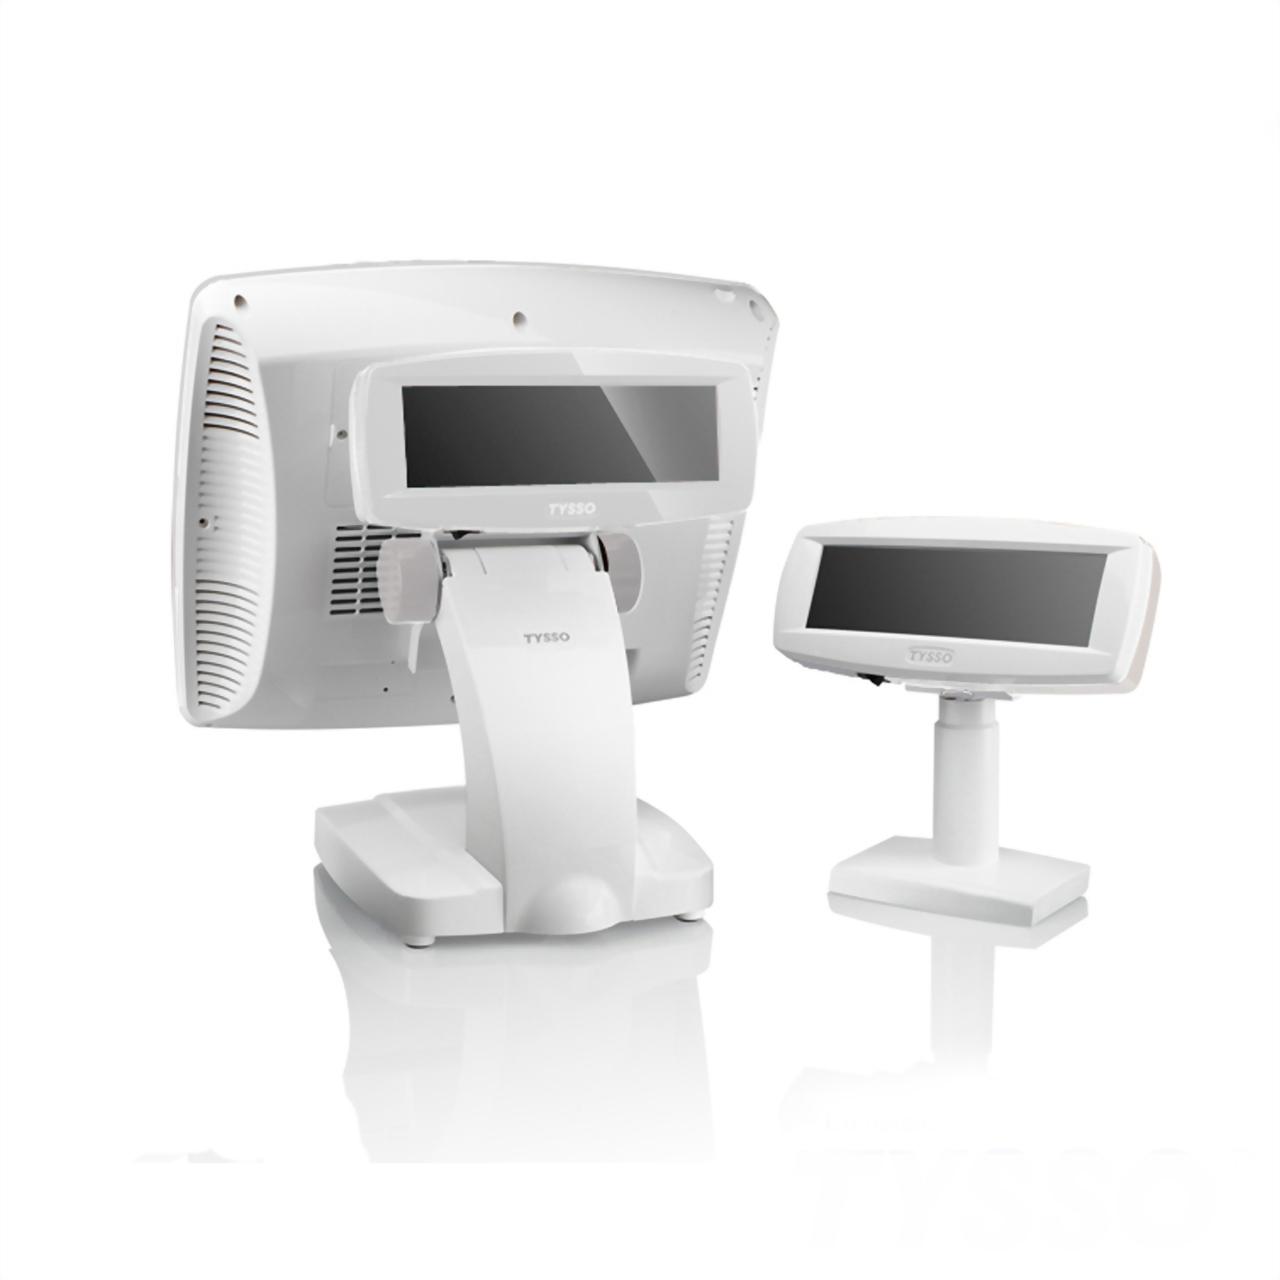 POS Systems POS-3000-B